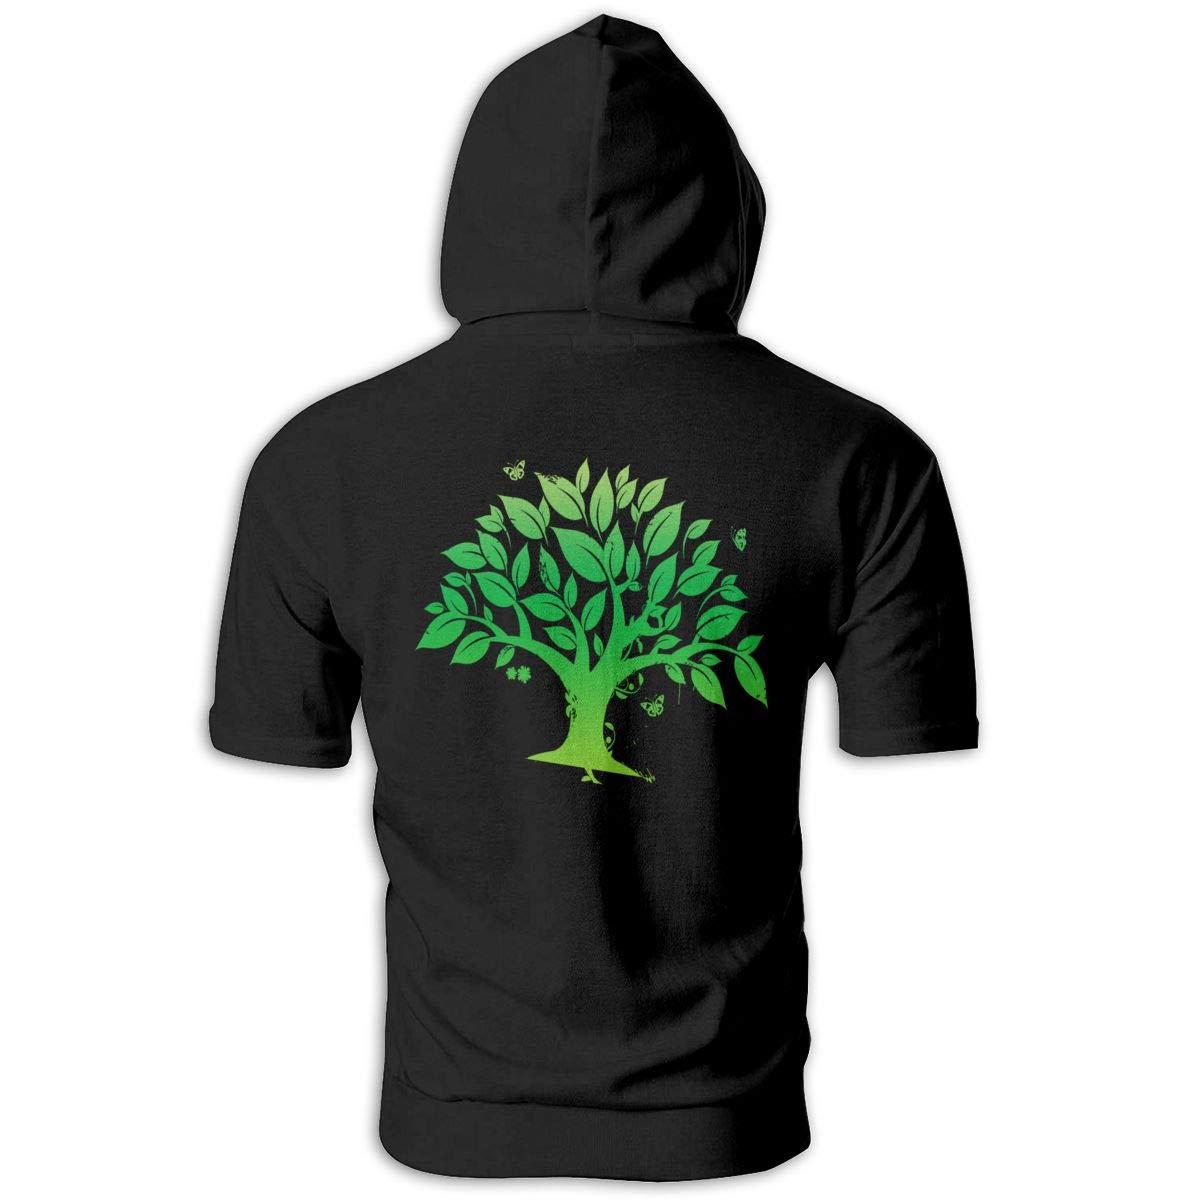 Mens Hoodies Green Tree Arbor Day Amazing Hooded Hoodie Short Sleeve Shirt